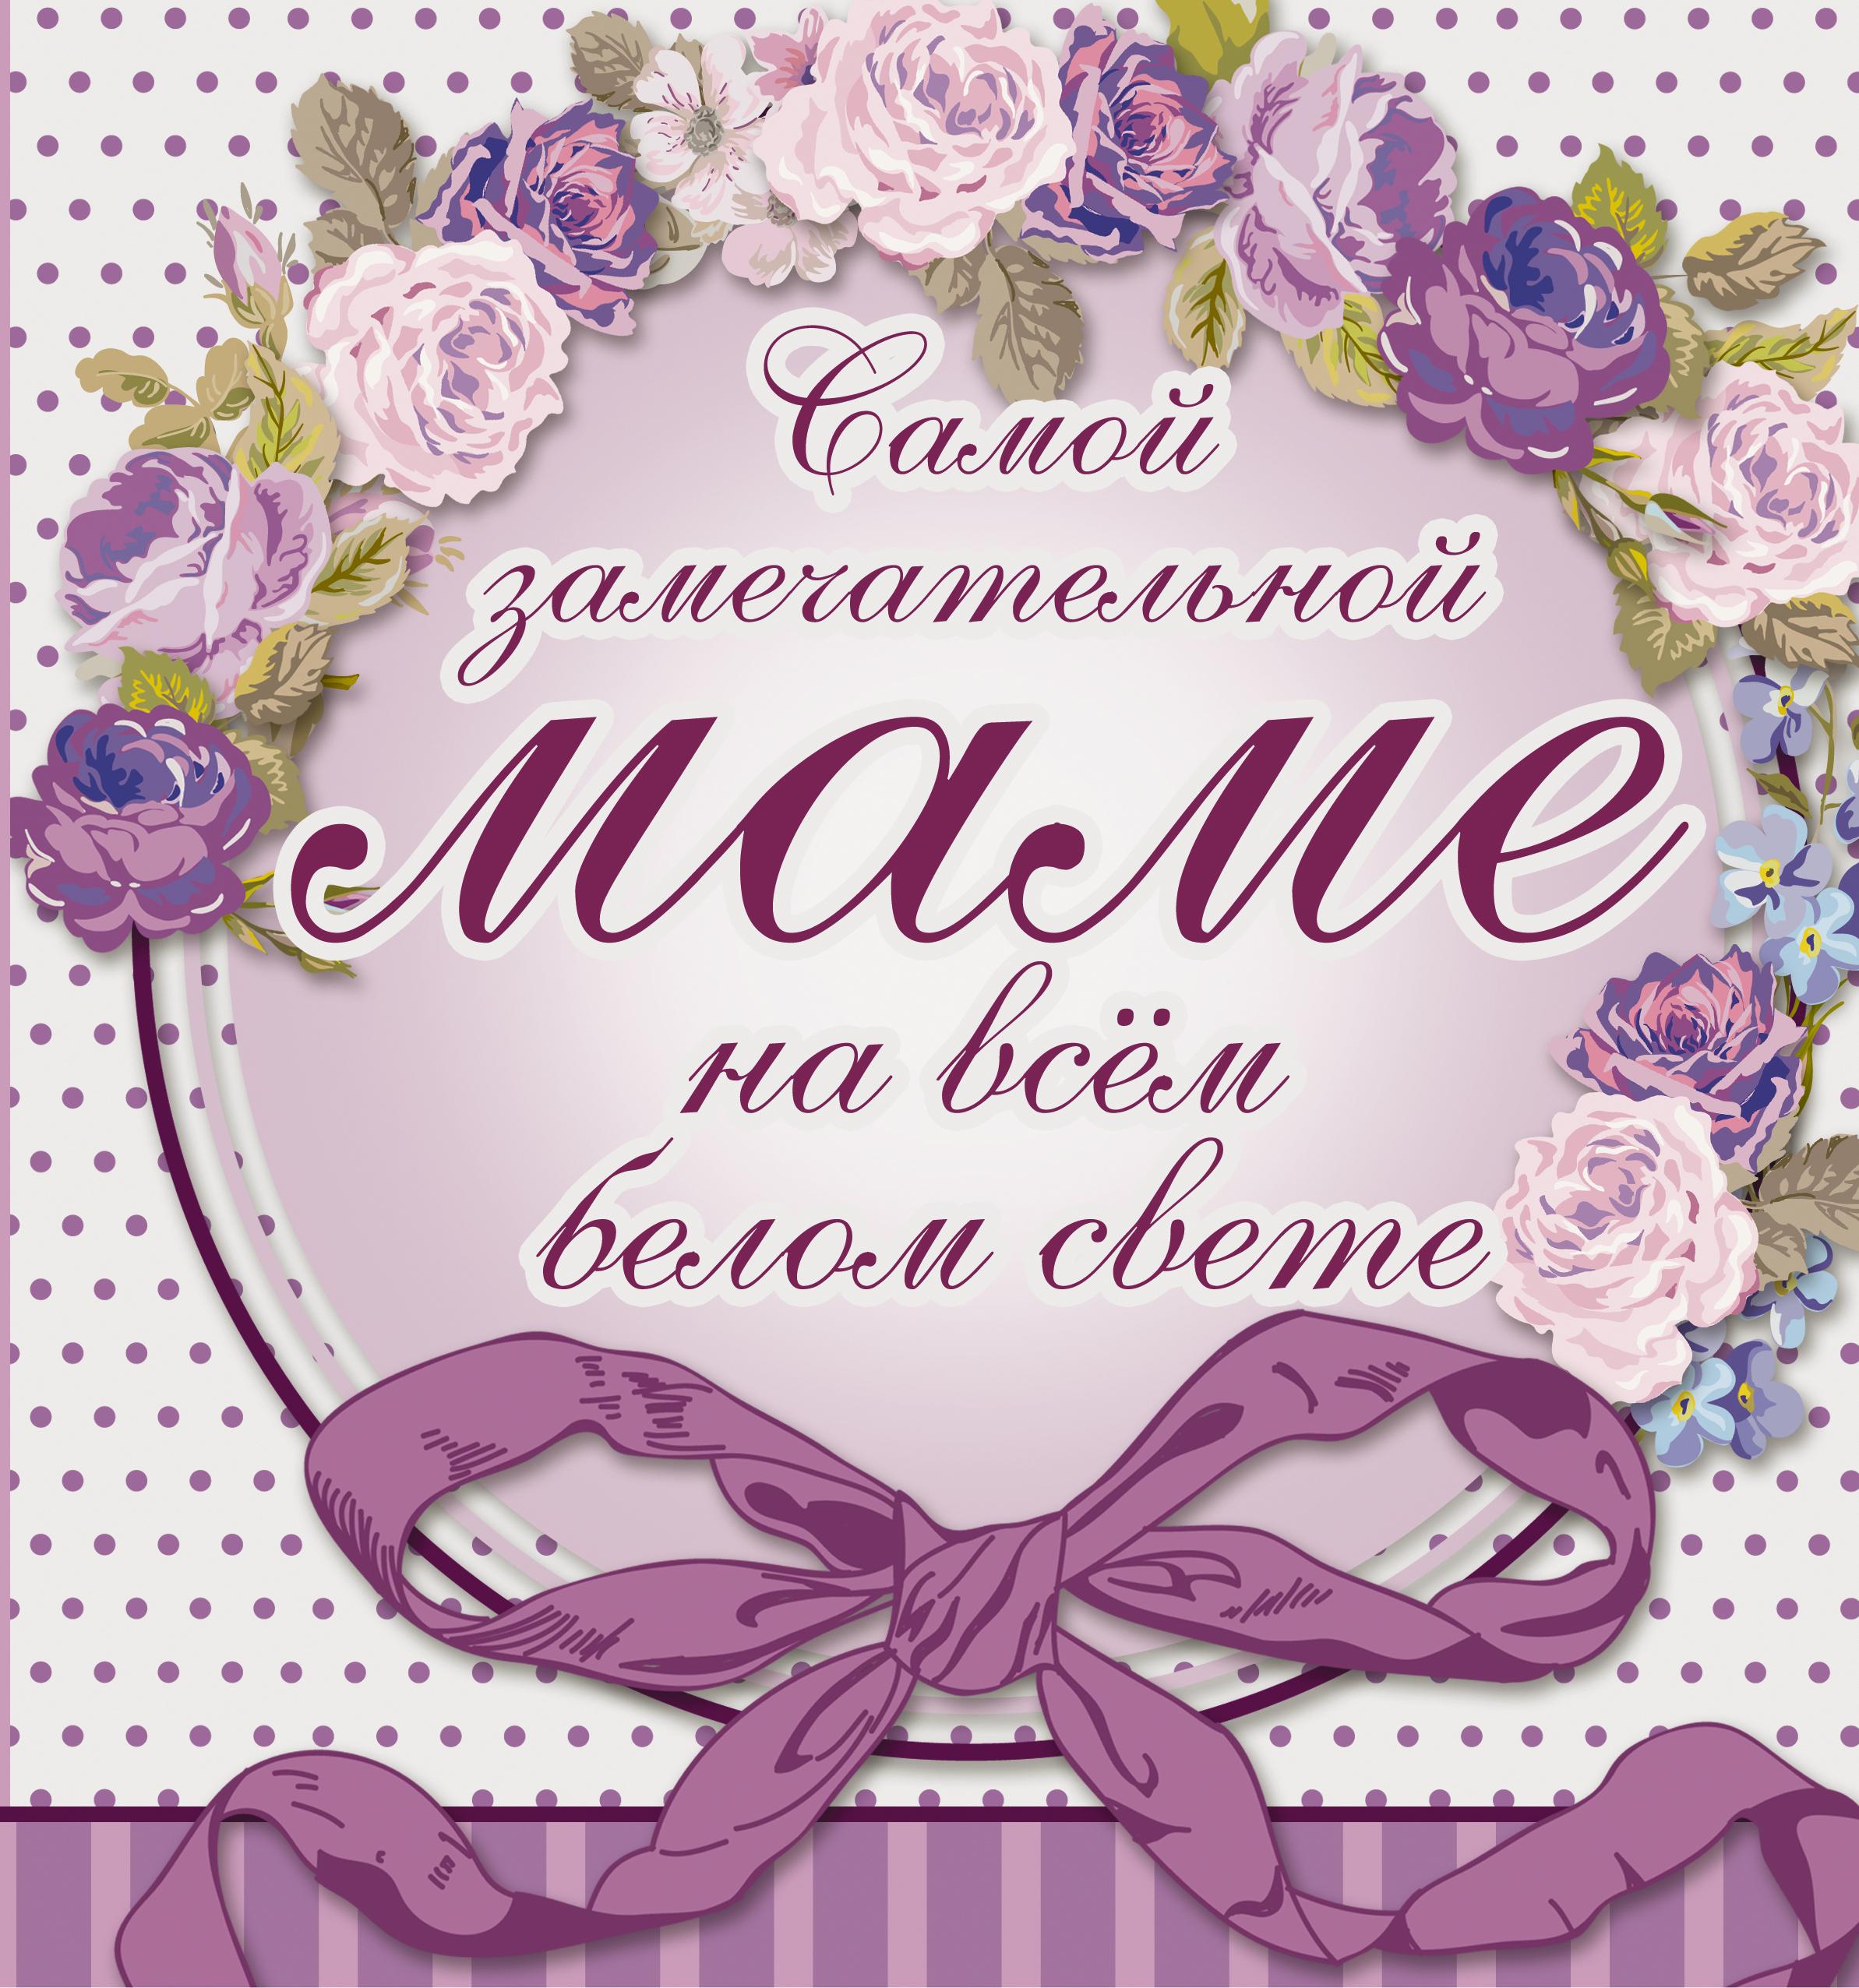 Открытки Открытка для мамы. Открытка для мамы на 8 марта. Открытка для мамы на День рождения.  Открытки для мамы. Картинка для мамы. Картинка цветы для мамы. Картинка букет для мамы. Картинки для мамы. Открытка маме. открыт к любимой маме. Открытка моей любимой маме. Открытка самой любимой маме.